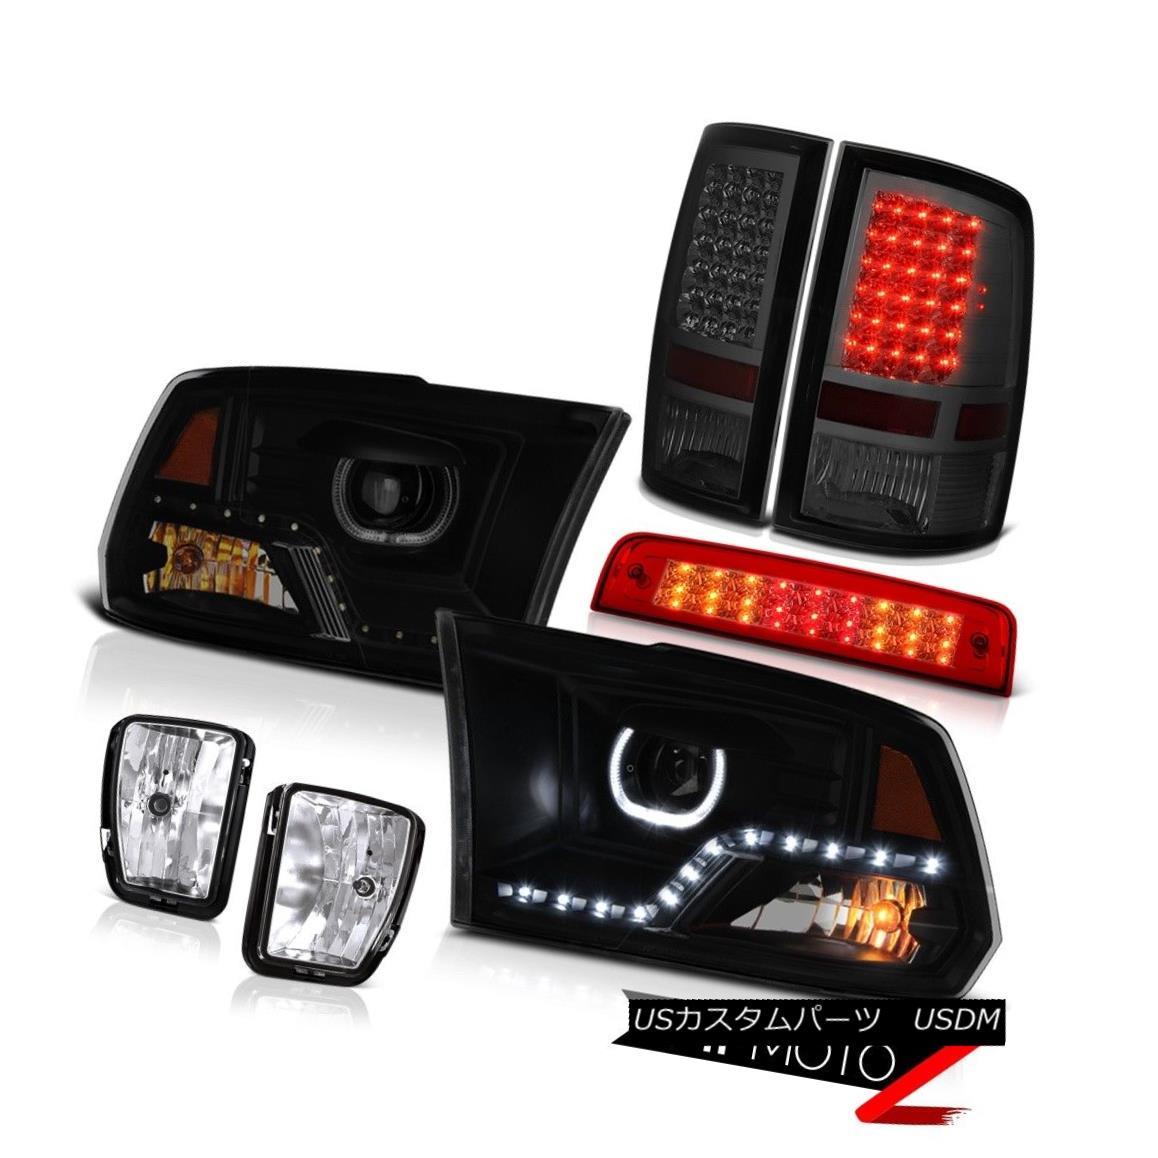 テールライト 13-18 Dodge RAM 1500 Head Lamp Rosso Red Brake Light Fog Tail Lamp Assembly PAIR 13-18ダッジRAM 1500ヘッドランプロッソレッドブレーキライトフォグテールランプアセンブリPAIR